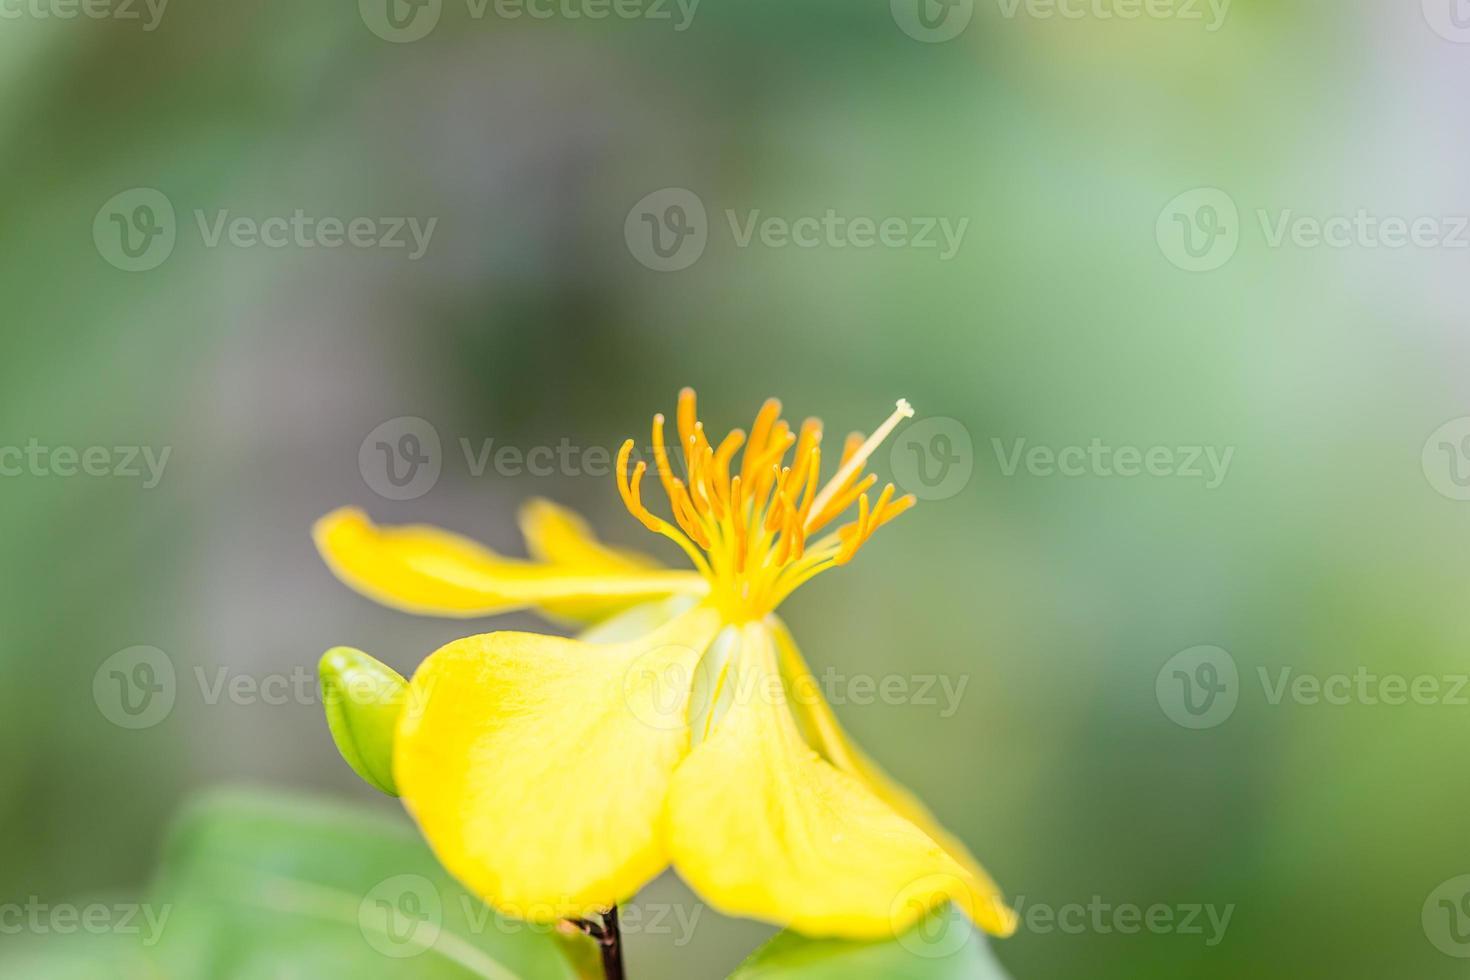 eenzame gele bloem op groen blad achtergrond foto